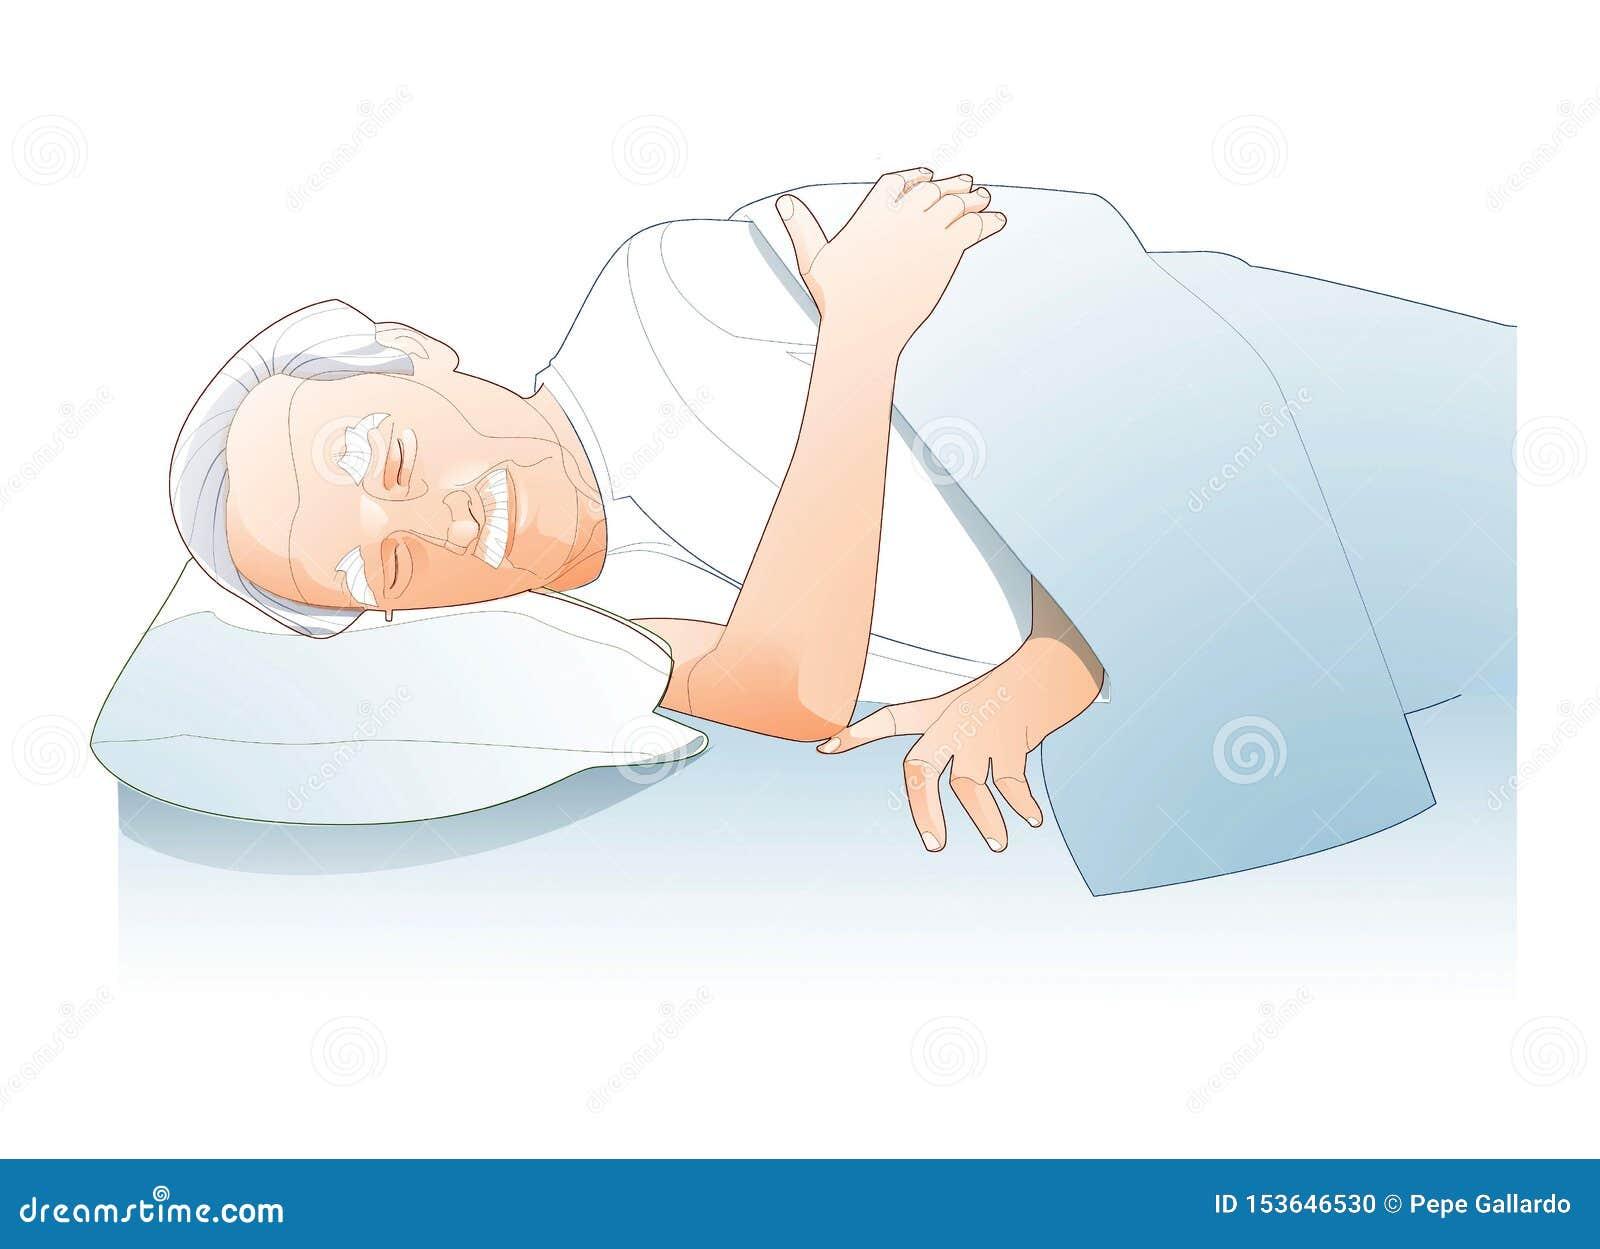 Ligne d illustration du sommeil d homme supérieur